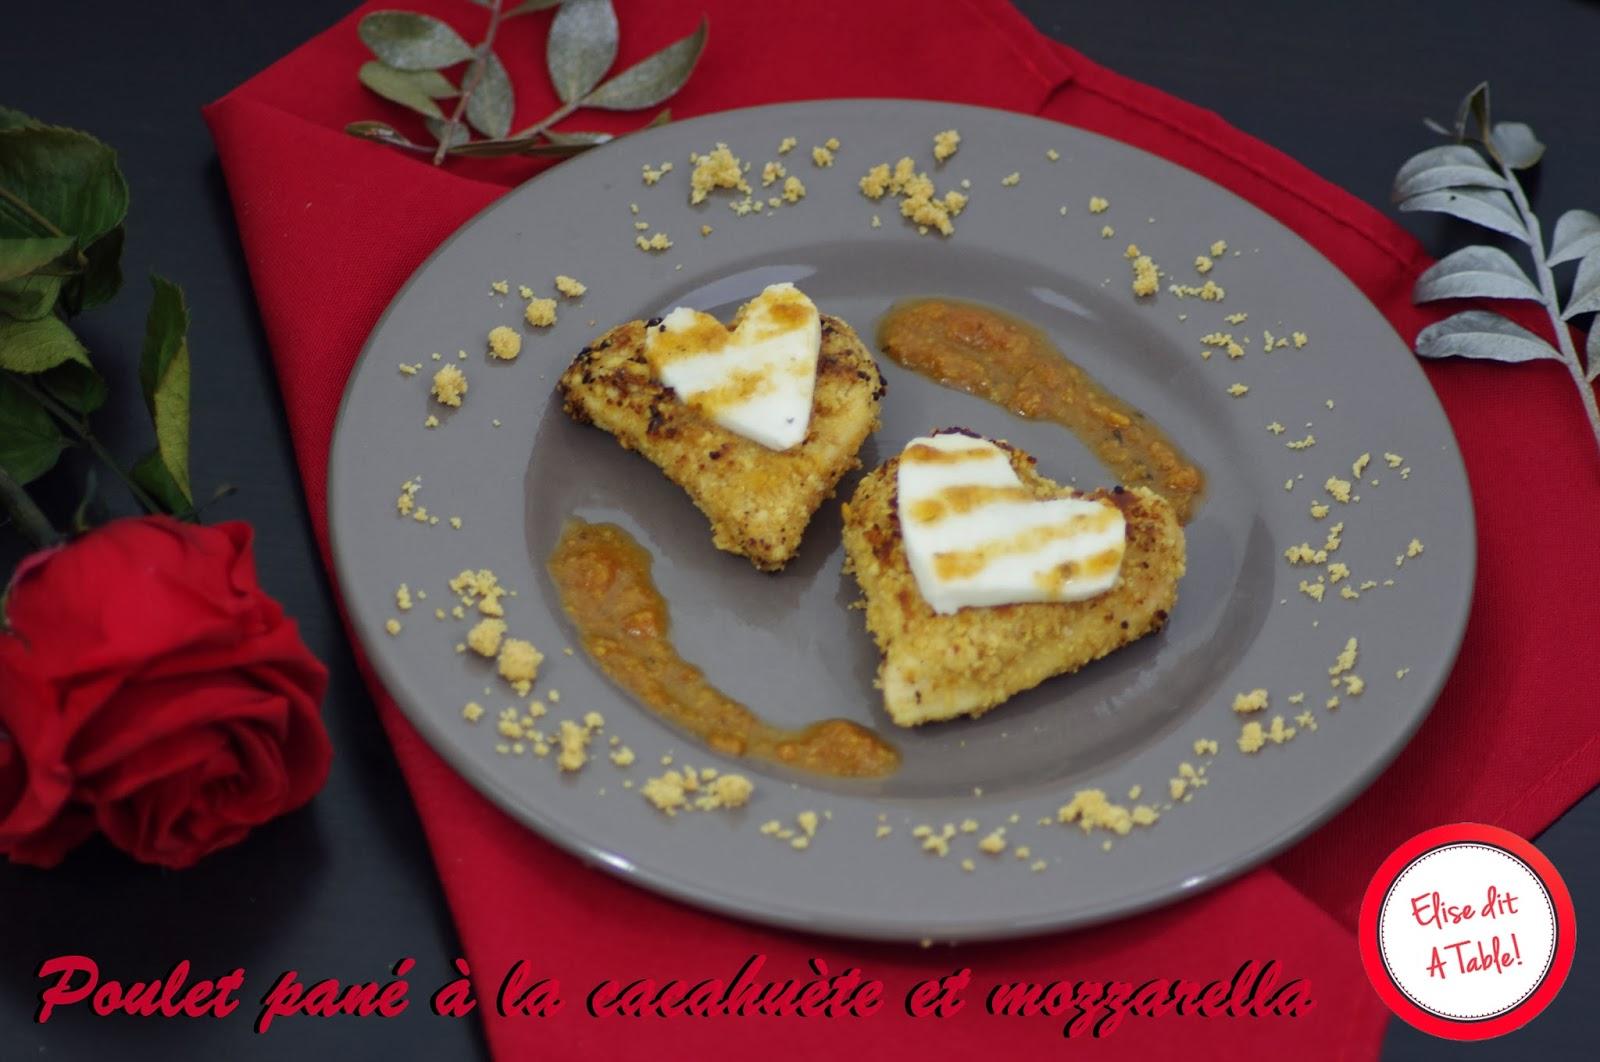 Poulet pané à la cacahuète mozzarella